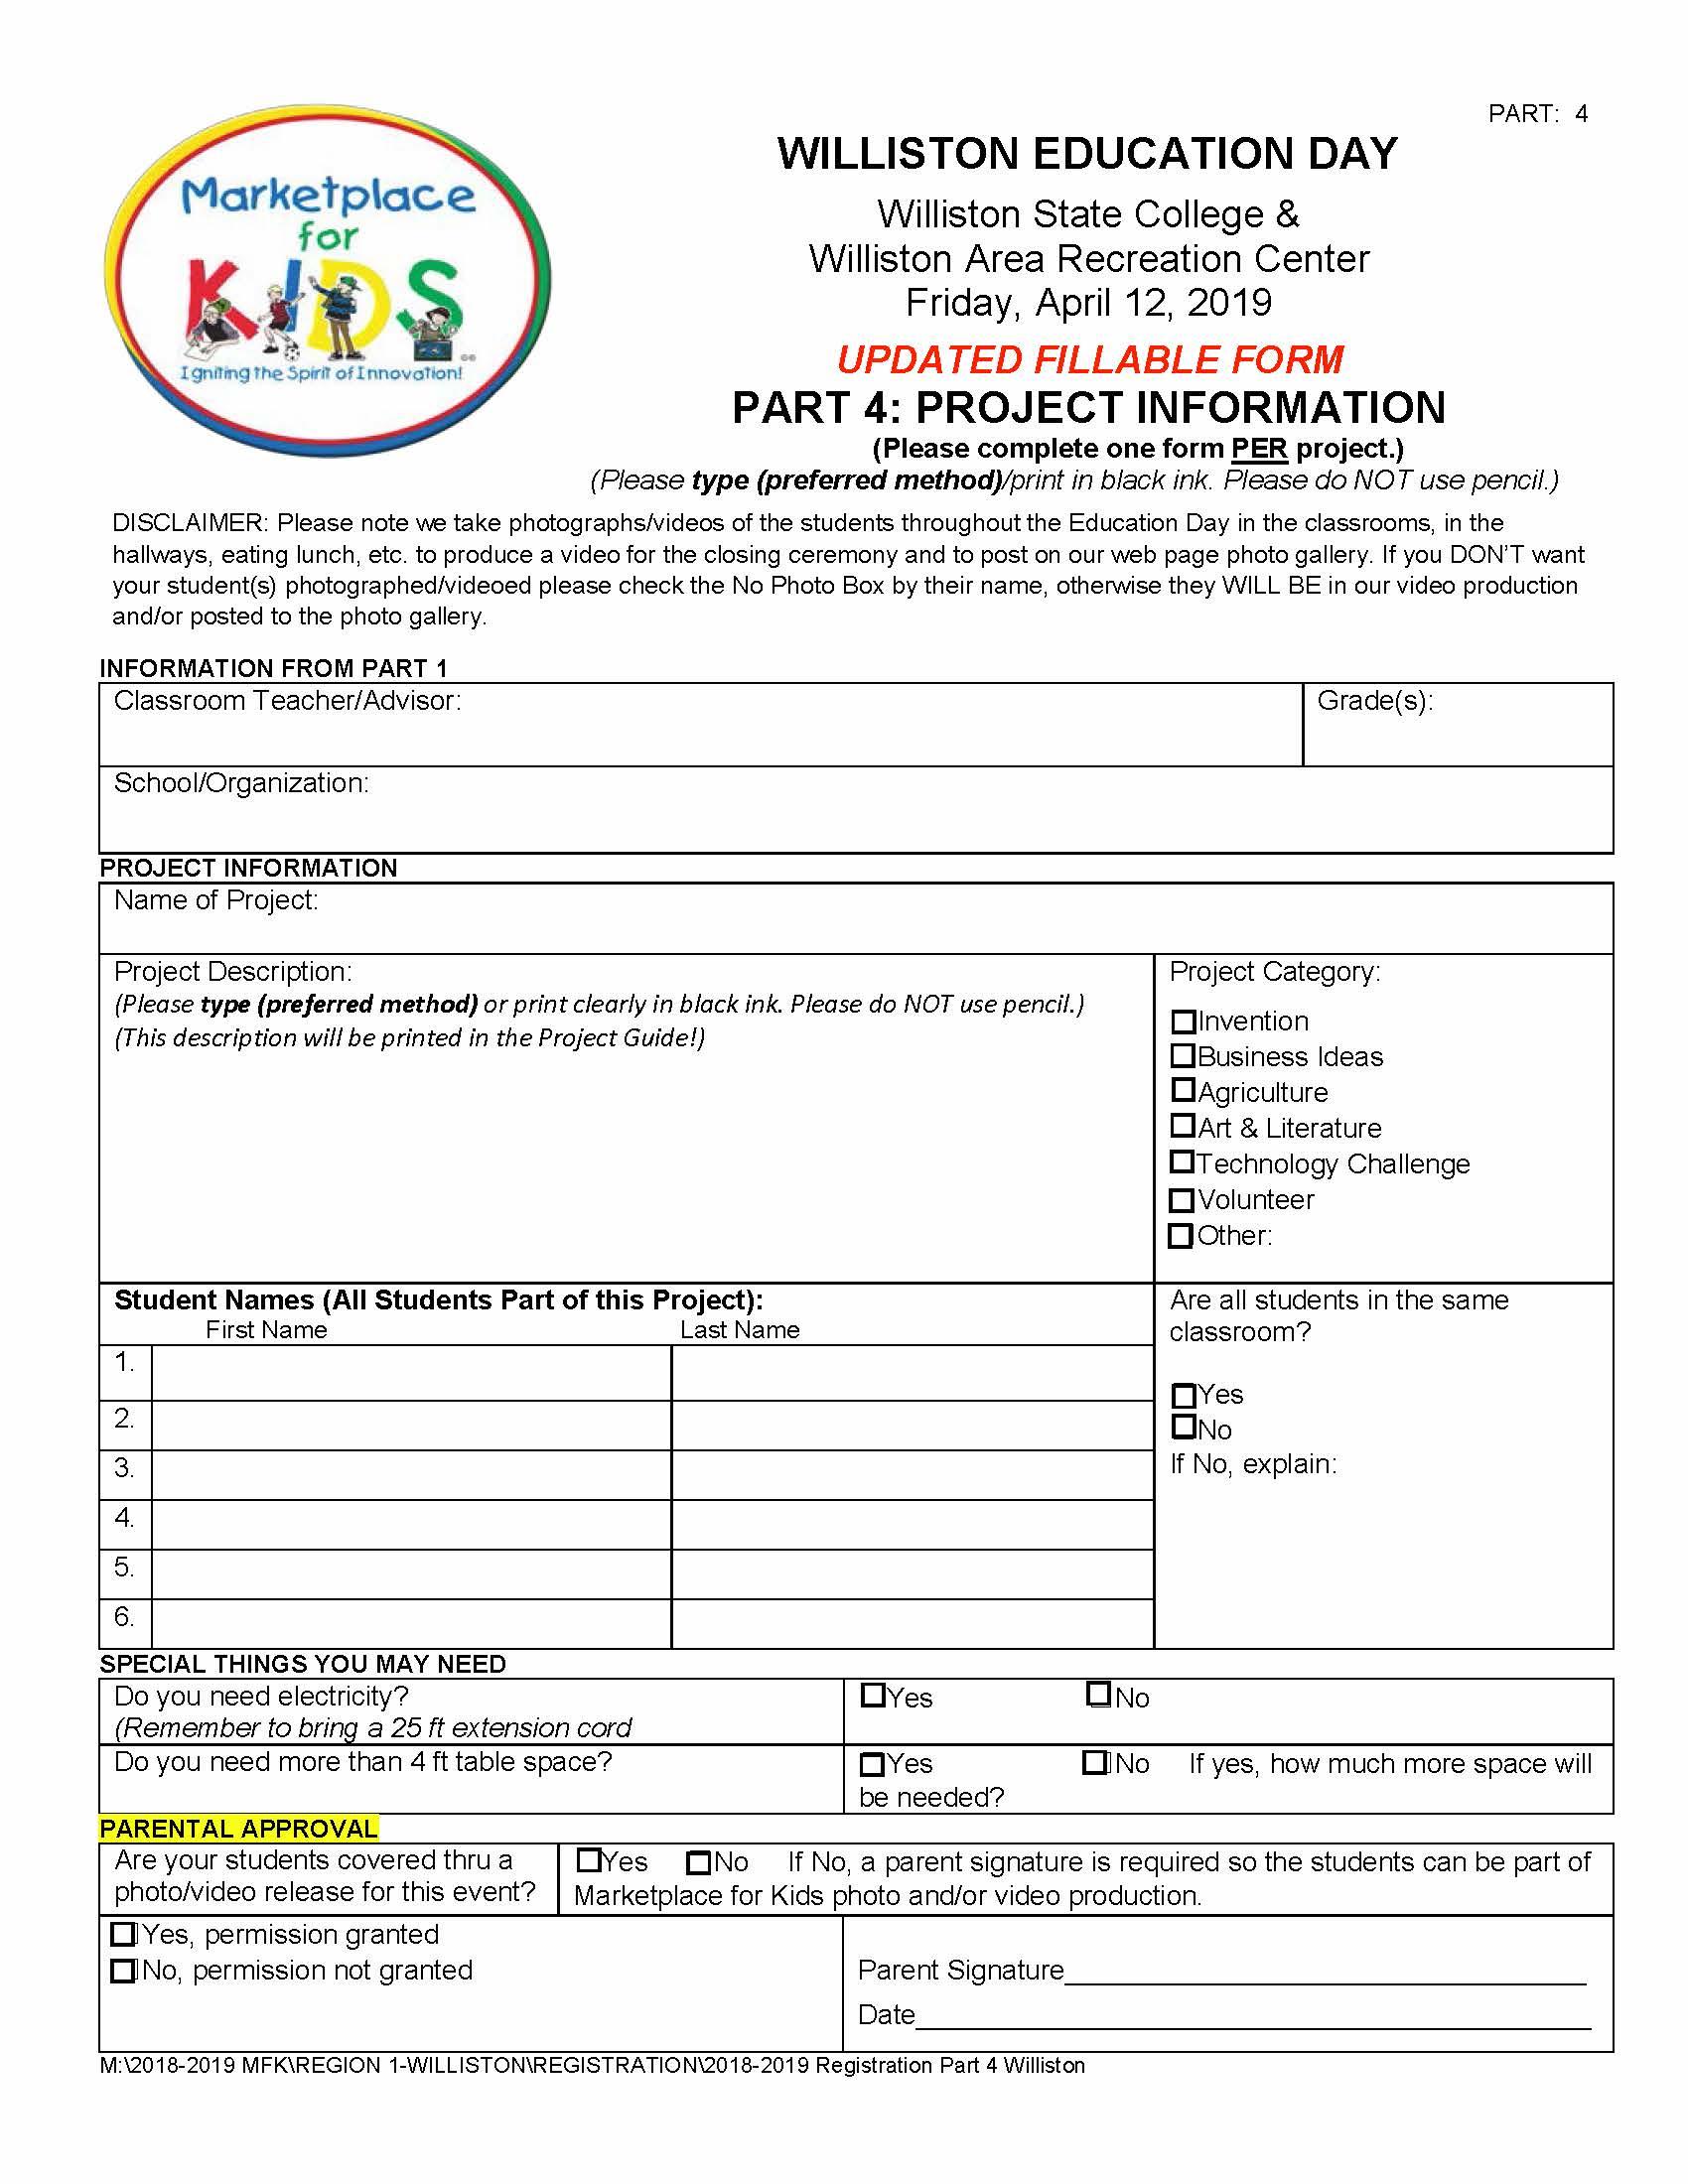 Williston Registration Part 4